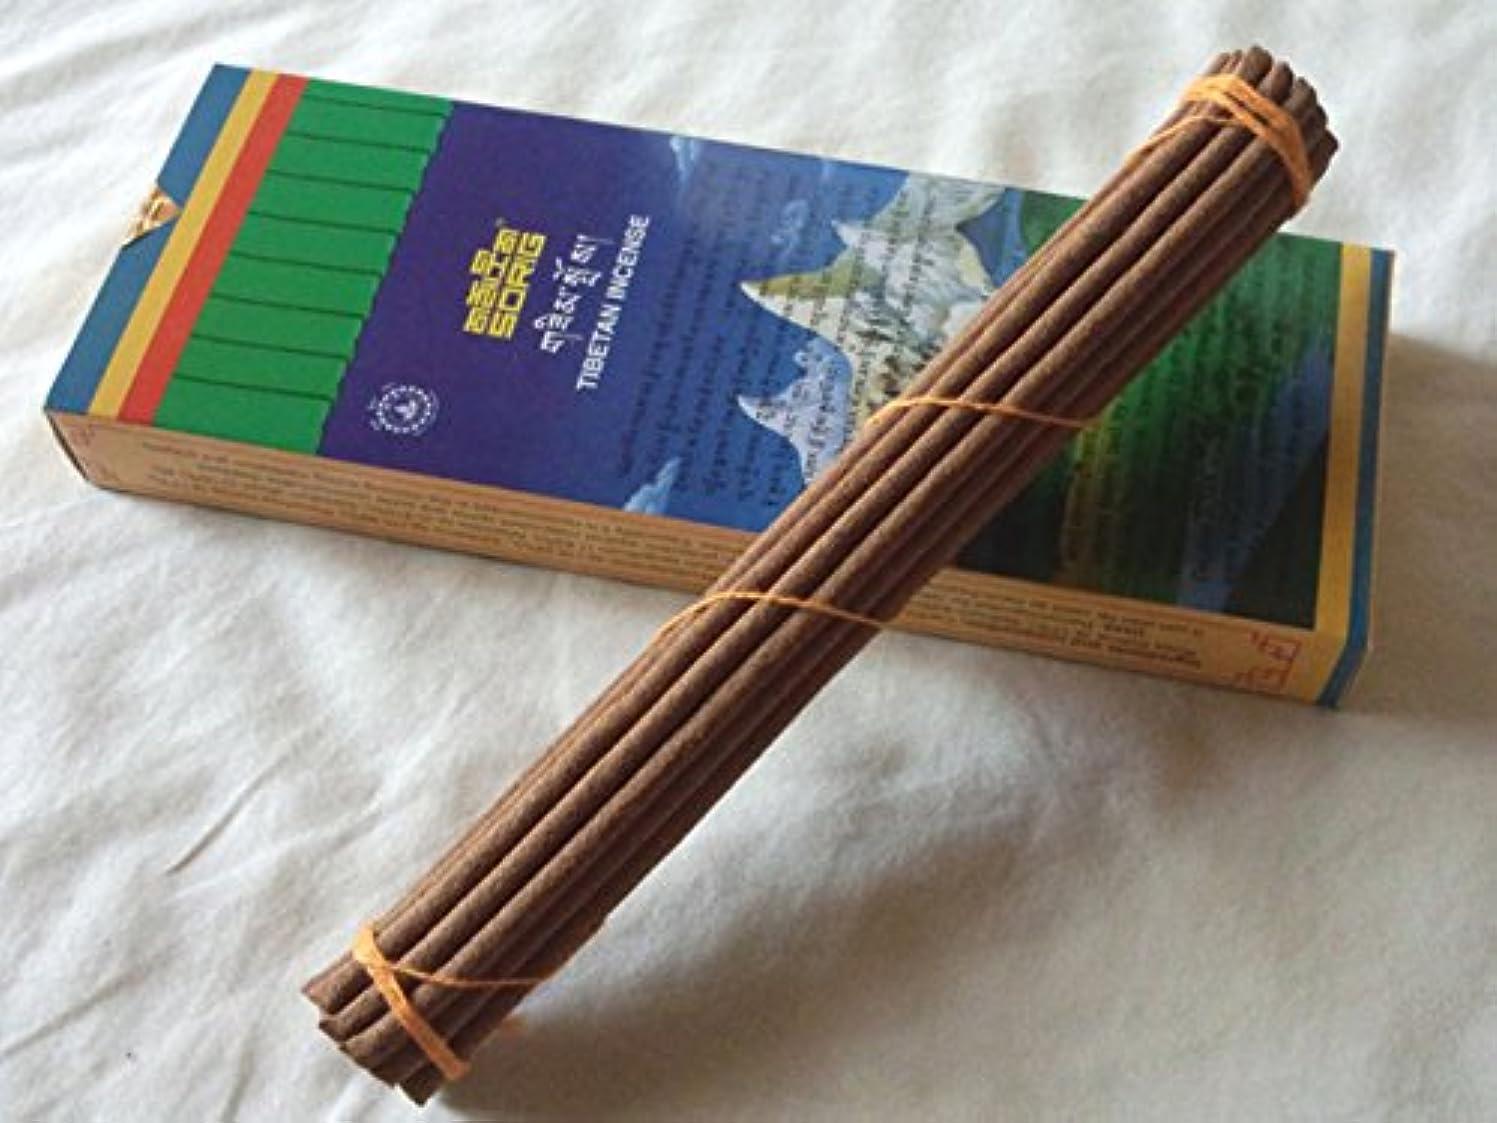 シャーロットブロンテ脱走二週間Men-Tsee-Khang/メンツィカンのお香-お徳用トリプル SORIG Tibetan Incense big 約20本入×3束